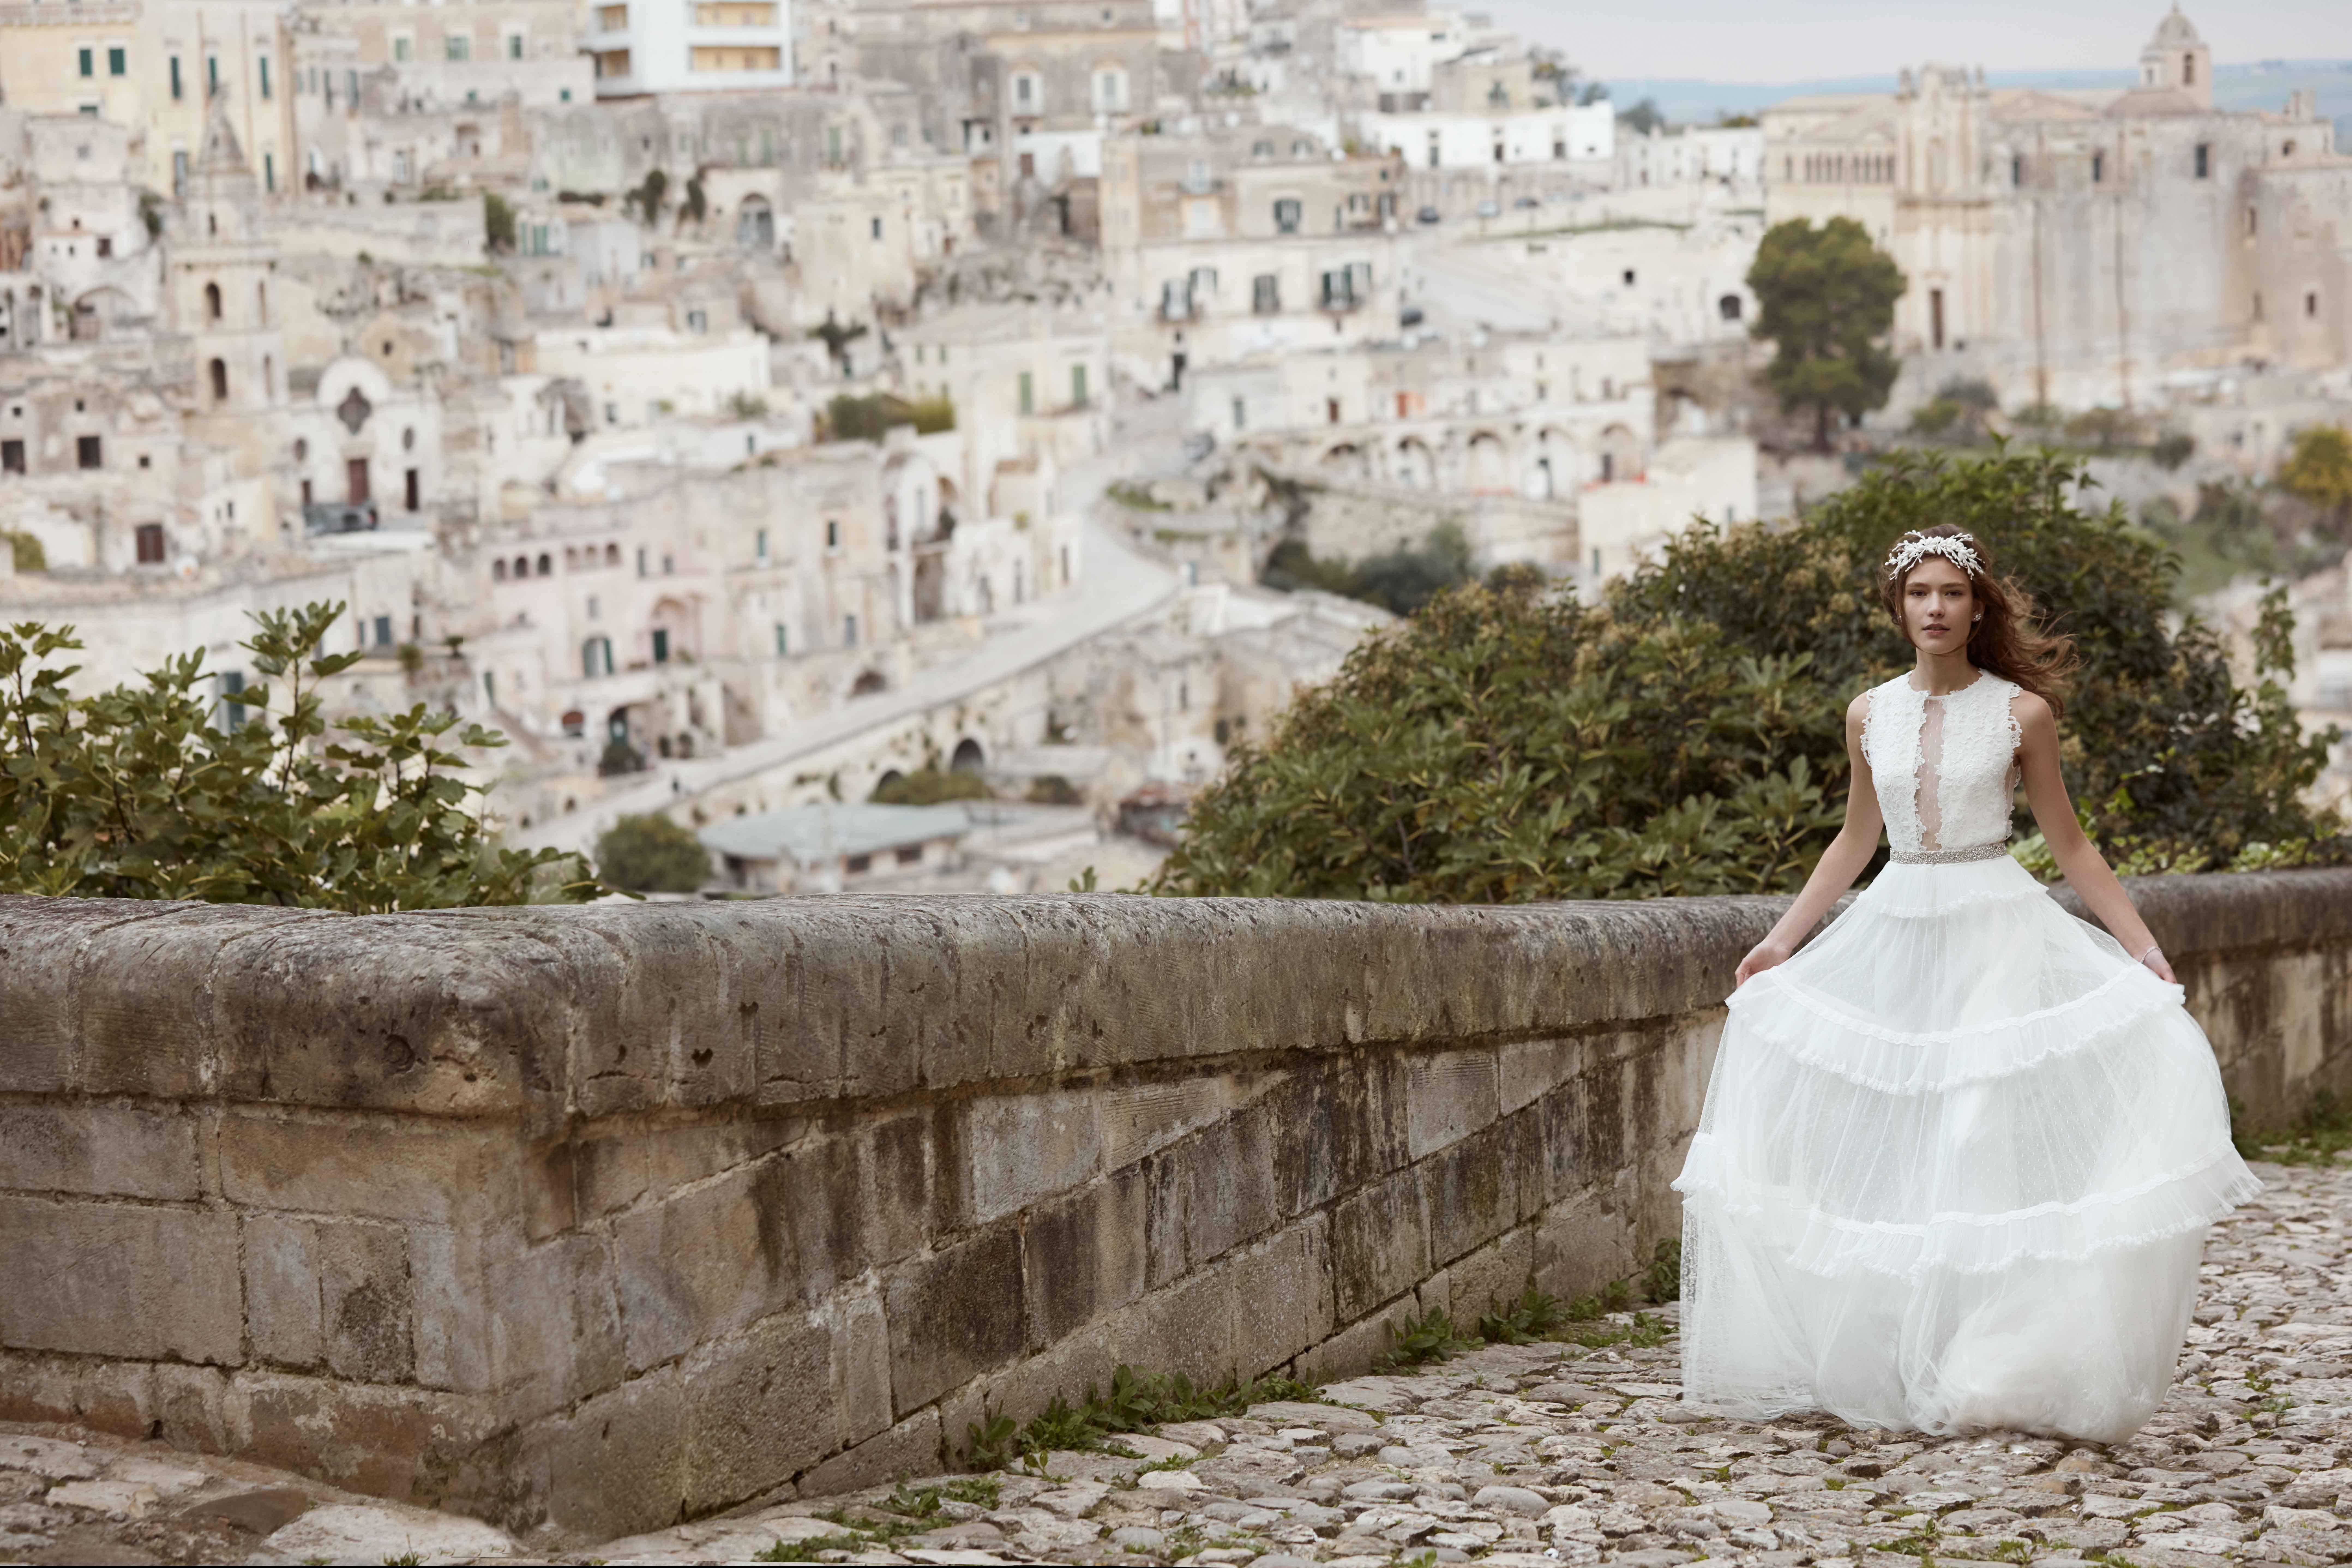 Amaya wedding dress BHLDN